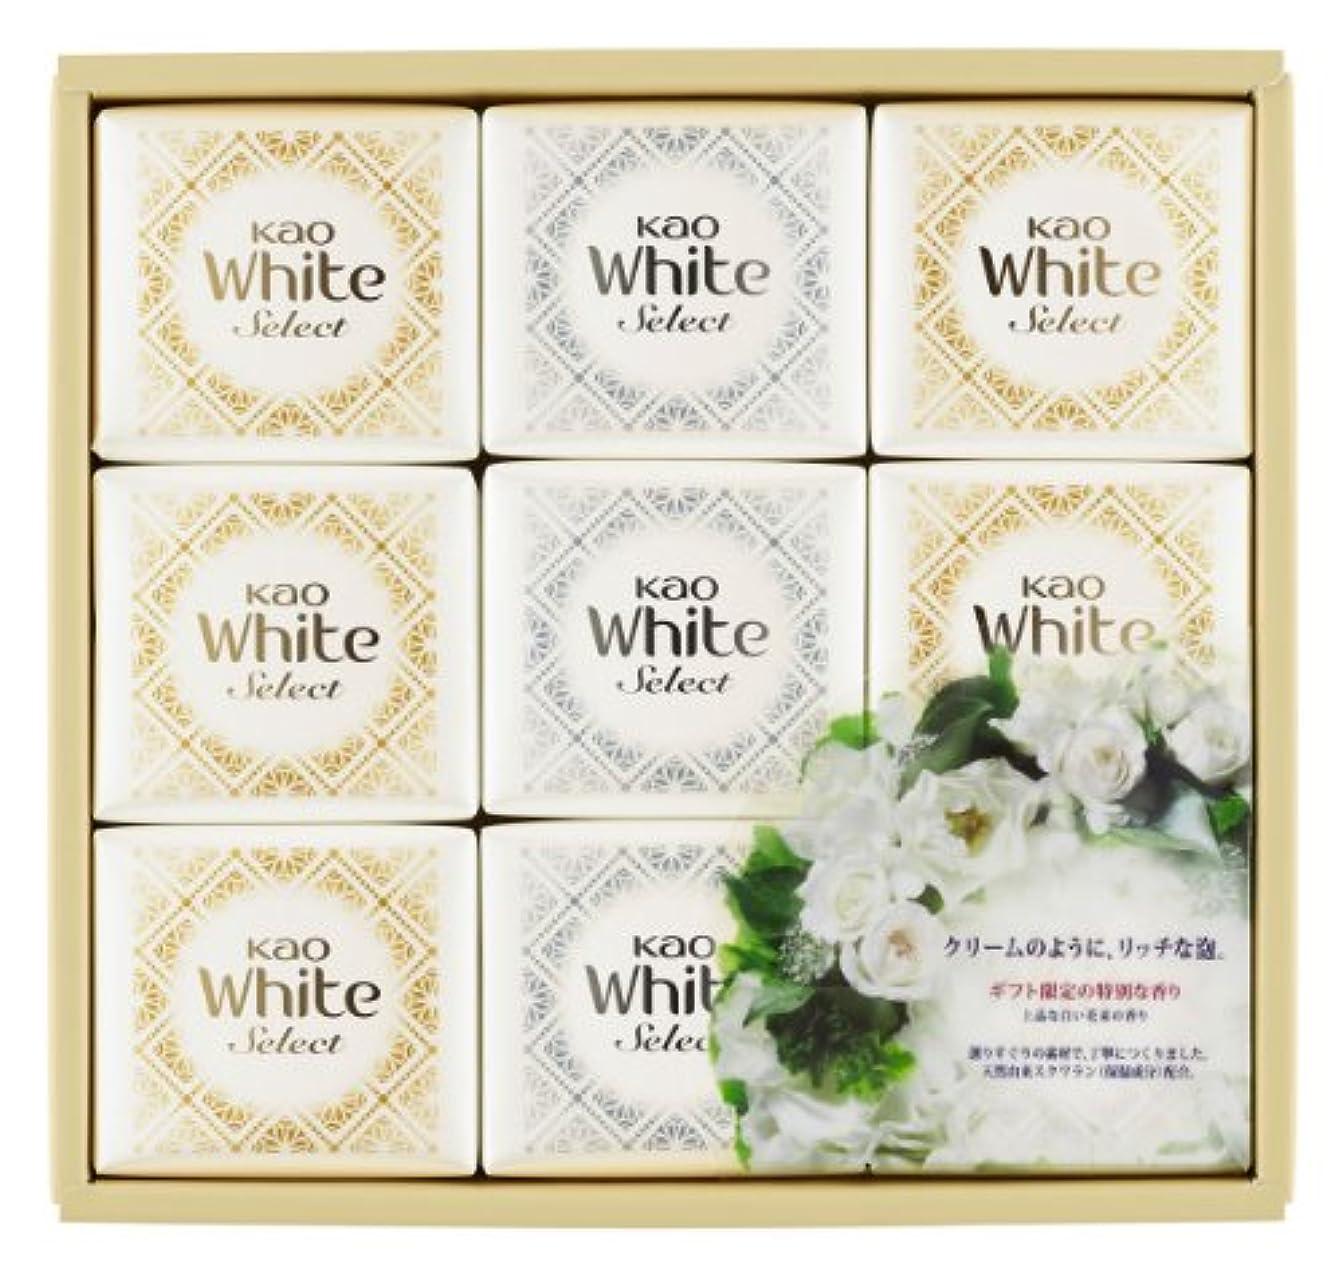 抜本的な気まぐれな海賊花王ホワイト セレクト 上品な白い花束の香り 85g 9コ K?WS-15